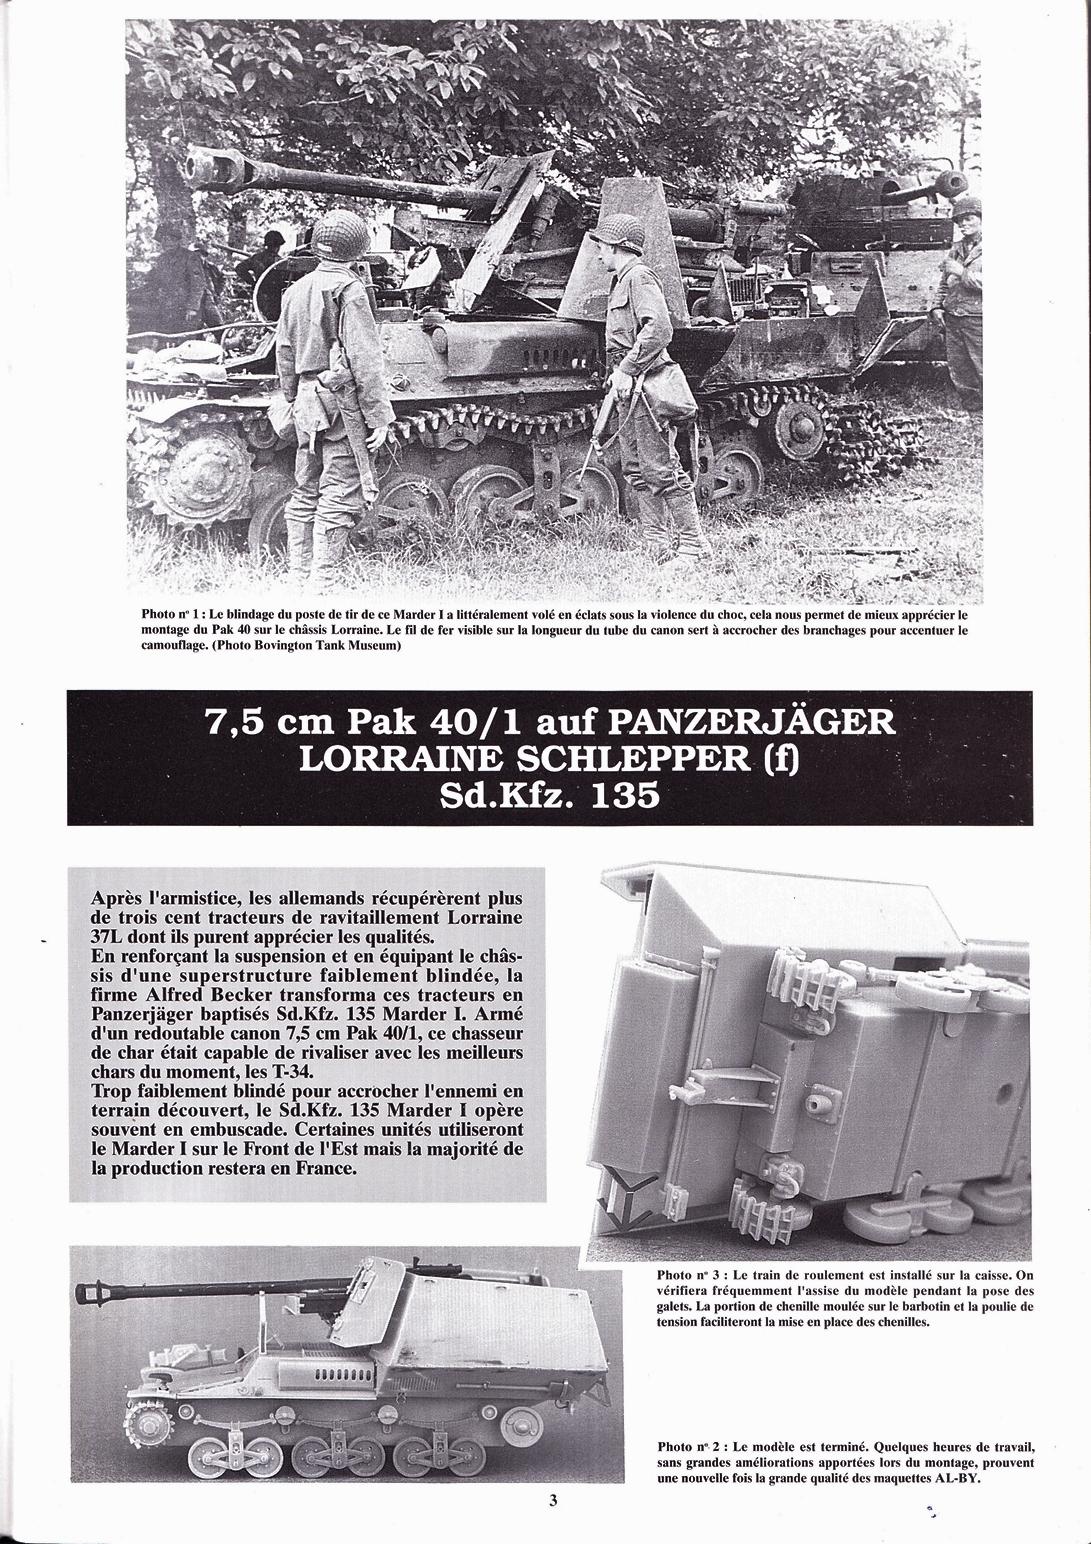 15 cm sFH.13/1 auf Geschutzwagen Lorraine-Schlepper Sd.Kfz. 135/1   RPM 1/35 ème  190210105032771870